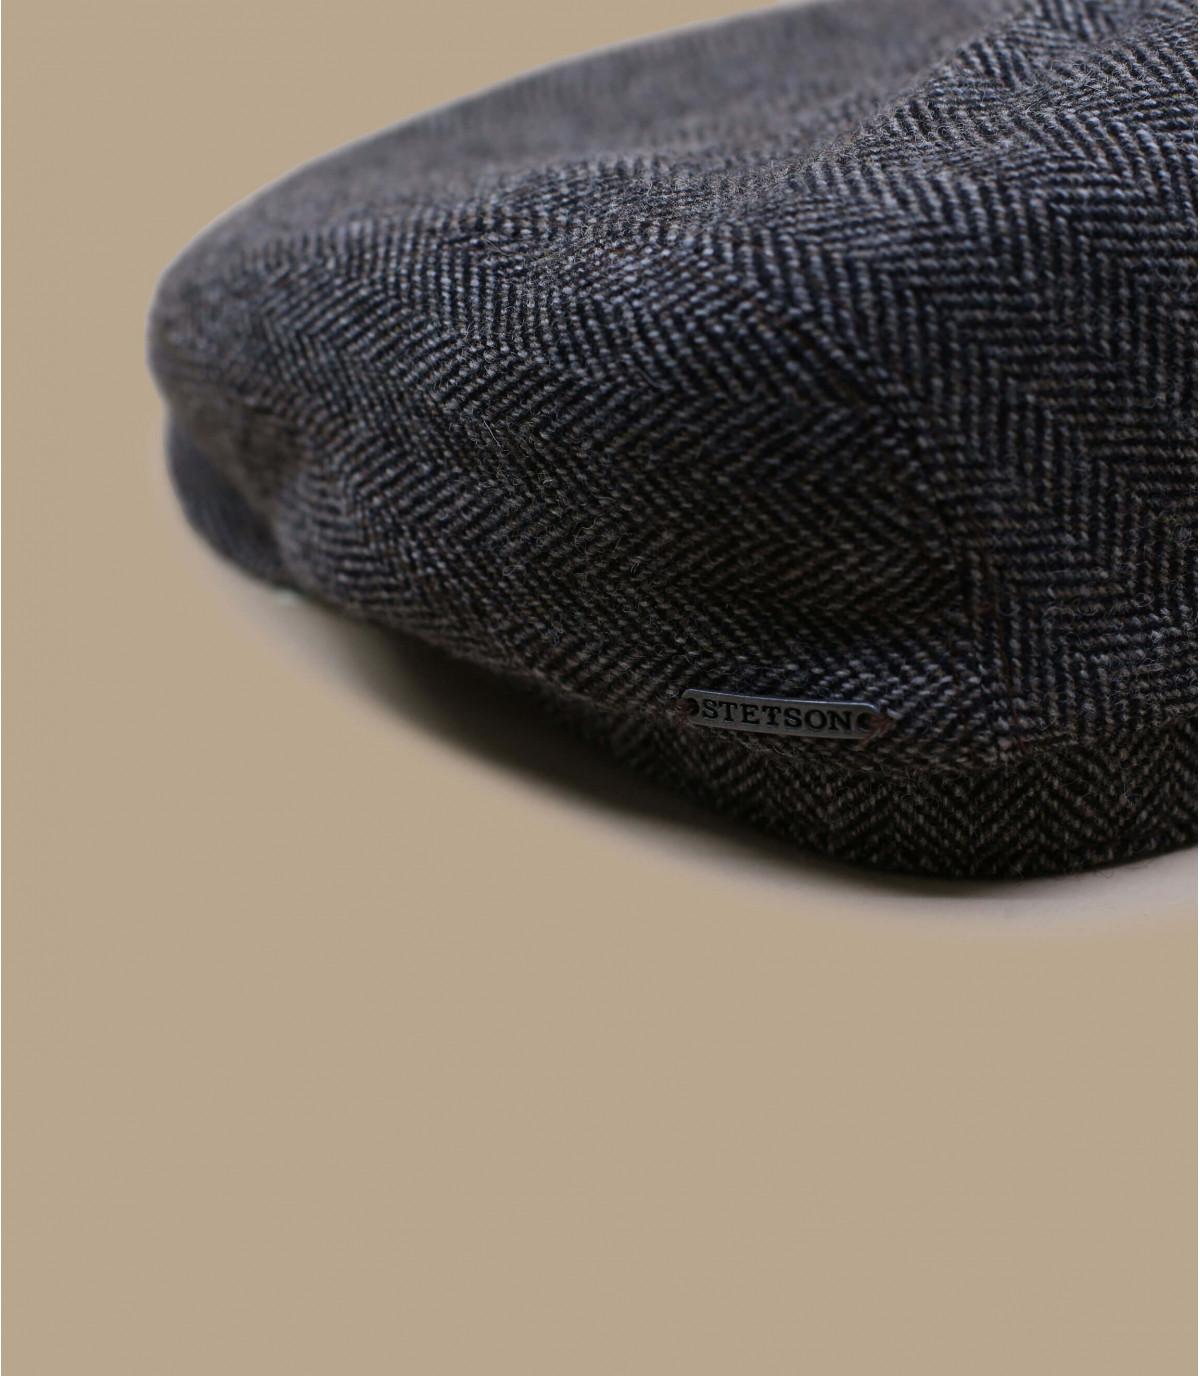 Détails Belfast woolrich gris foncé - image 2